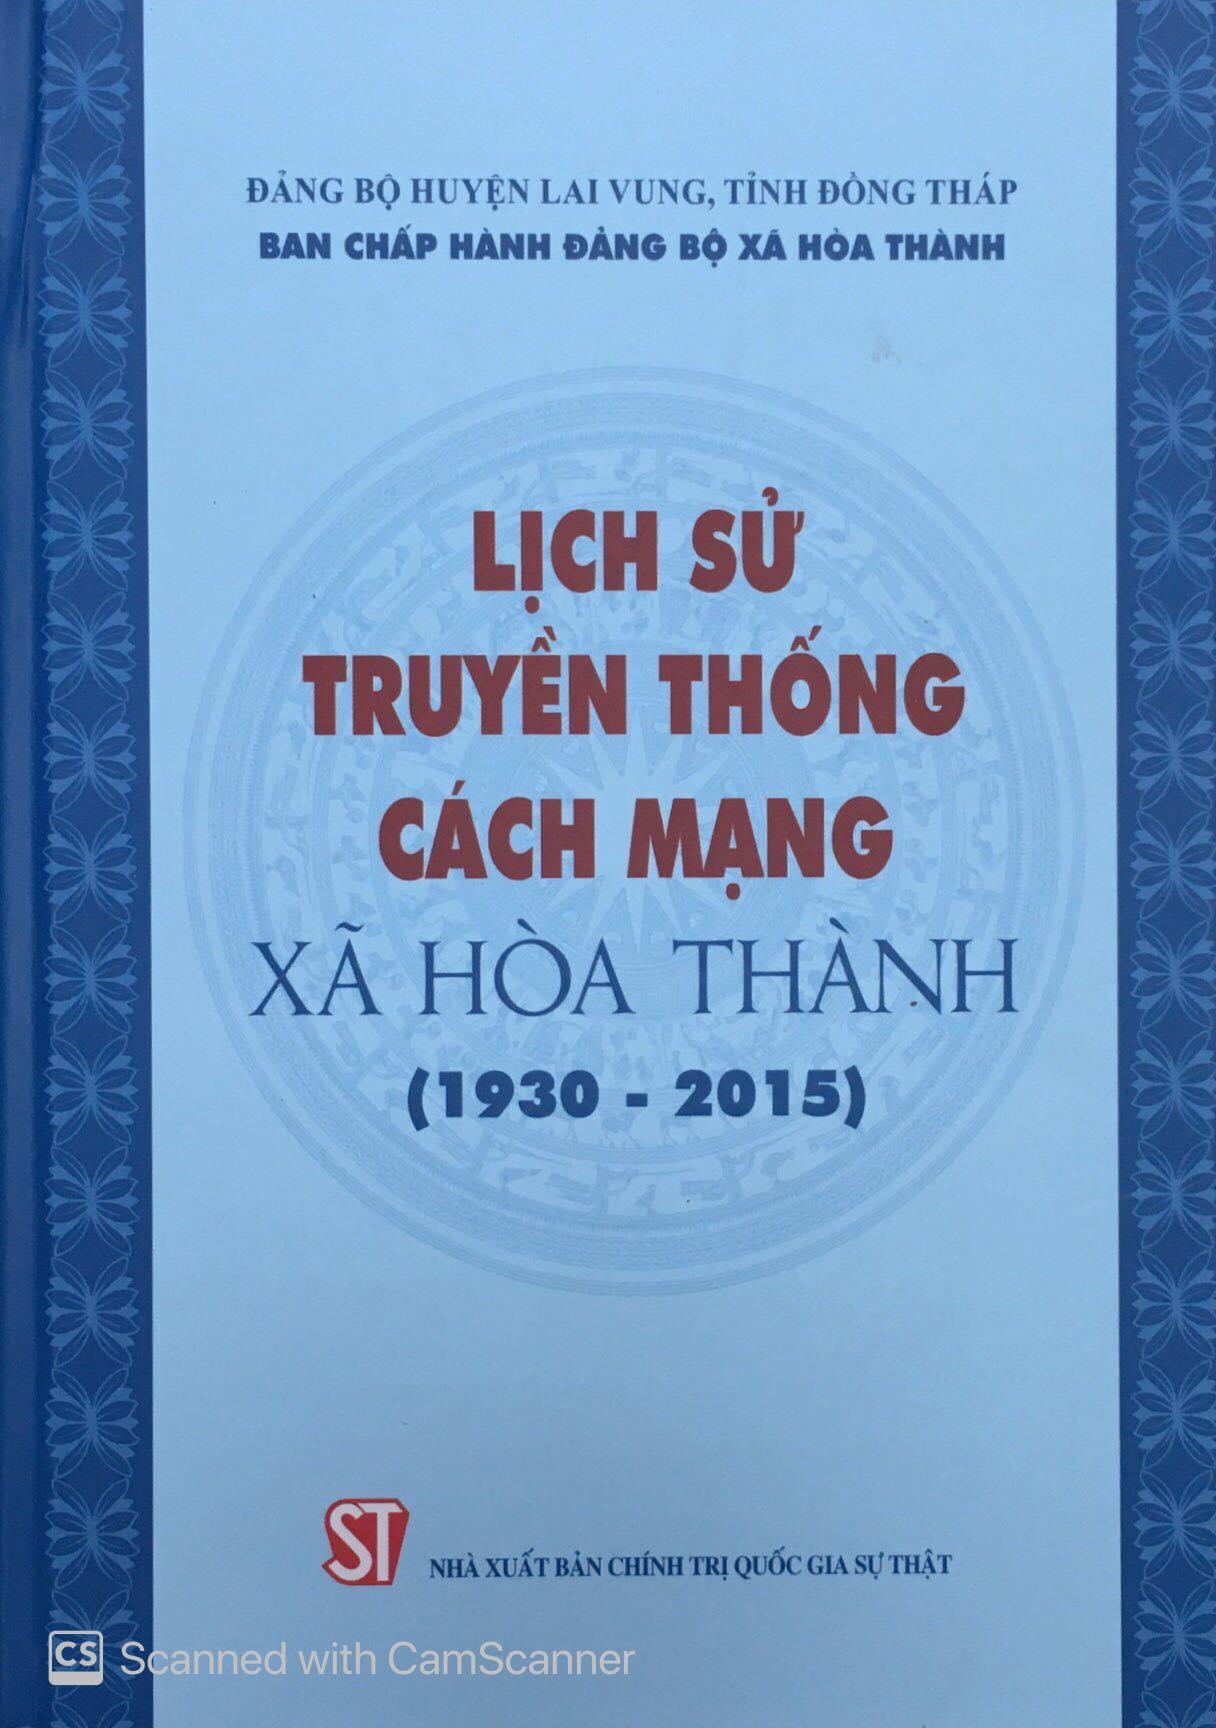 Lịch sử truyền thống cách mạng xã Hòa Thành (1930 - 2015)